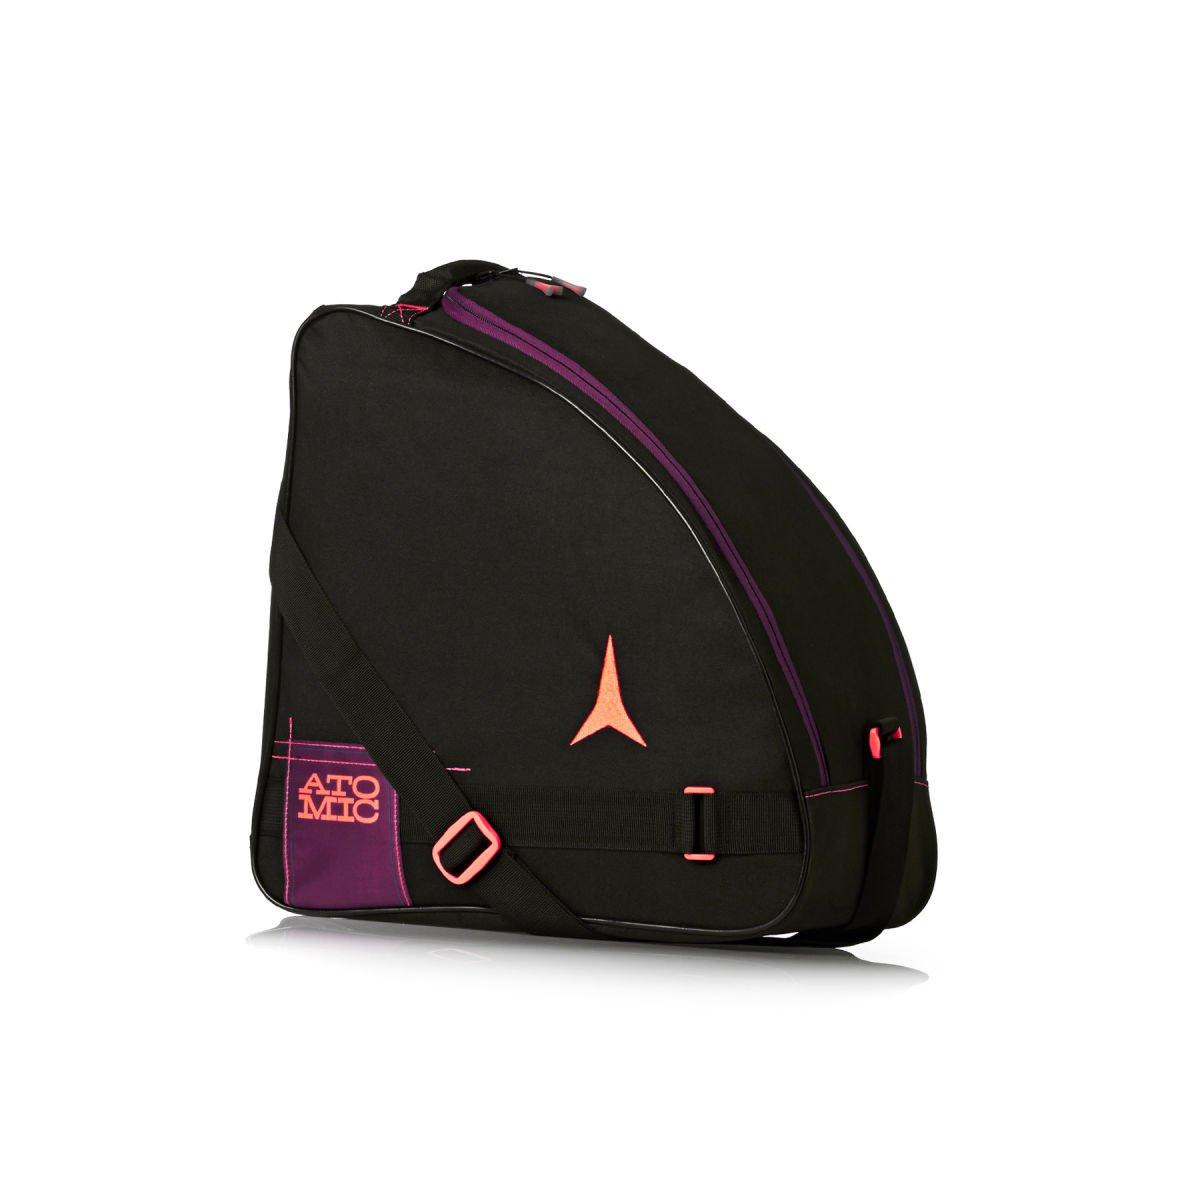 ATOMIC Damen Skischuhtasche W 1 Pair Boot Bag, Black/by, 0.58 x 0.40 x 0.32 cm, 34 Liter